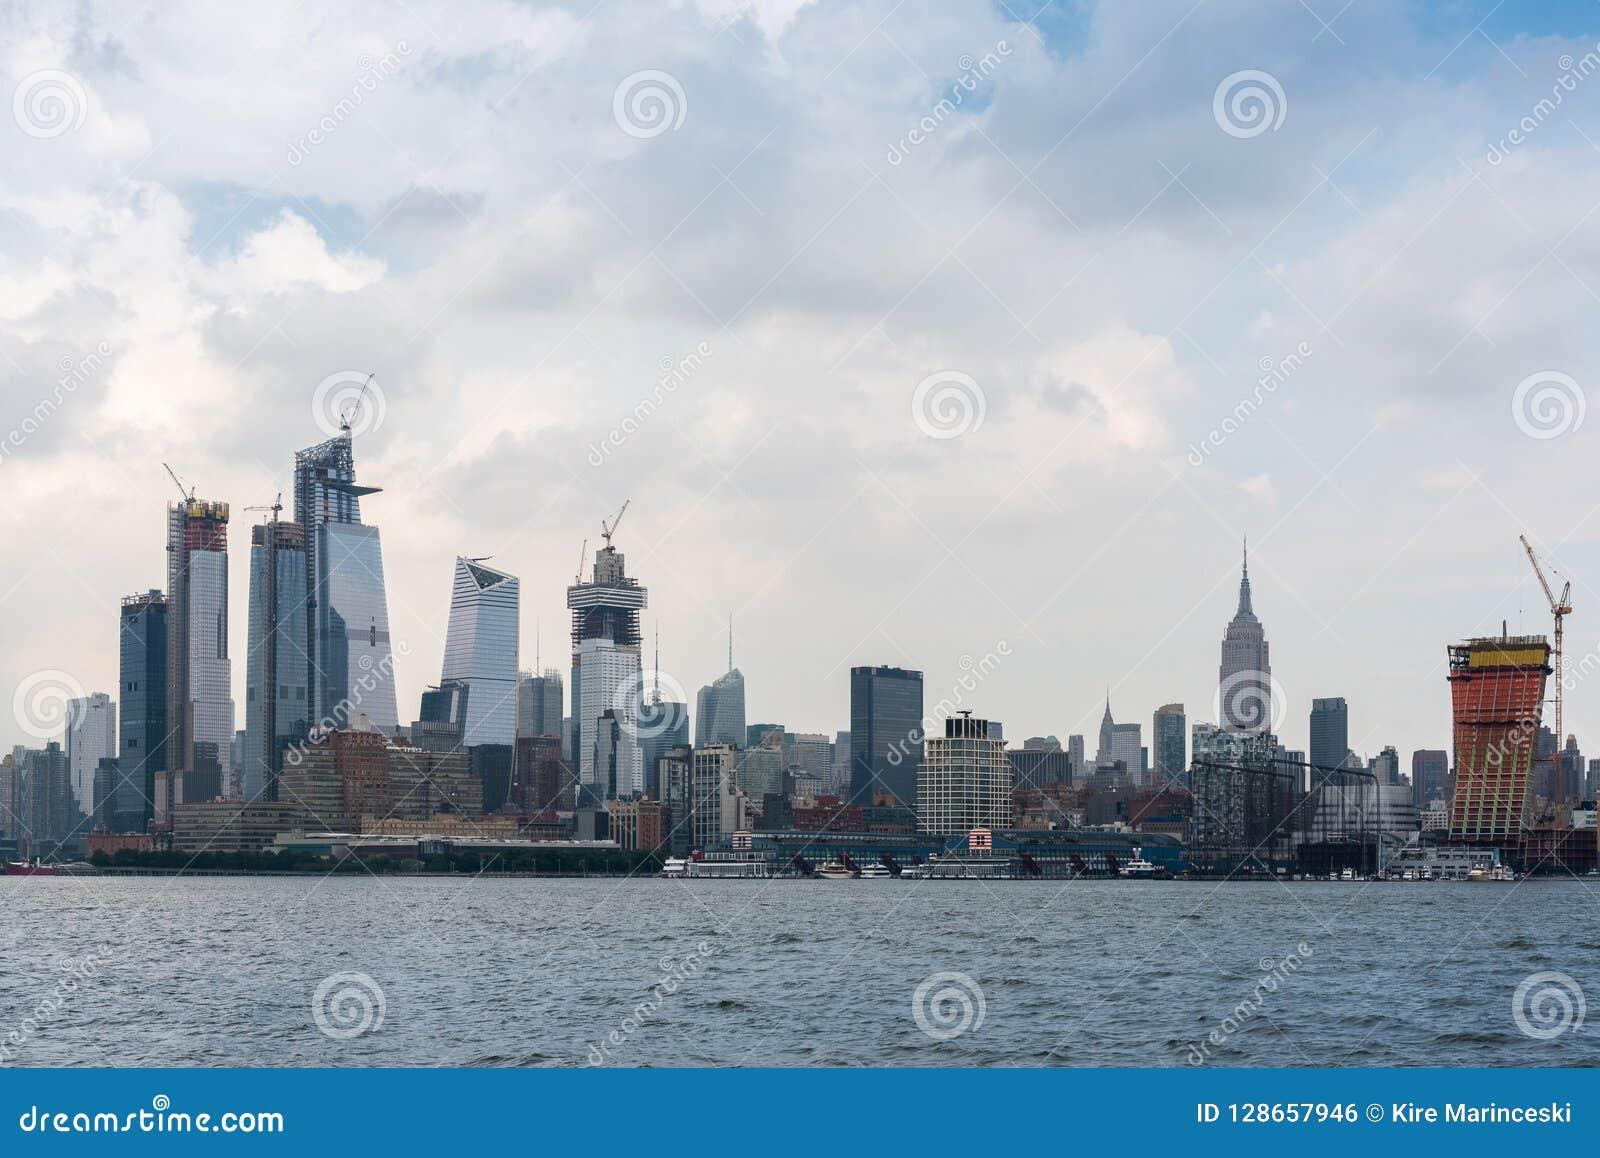 NYC NEW YORK CITY ETATS-UNIS